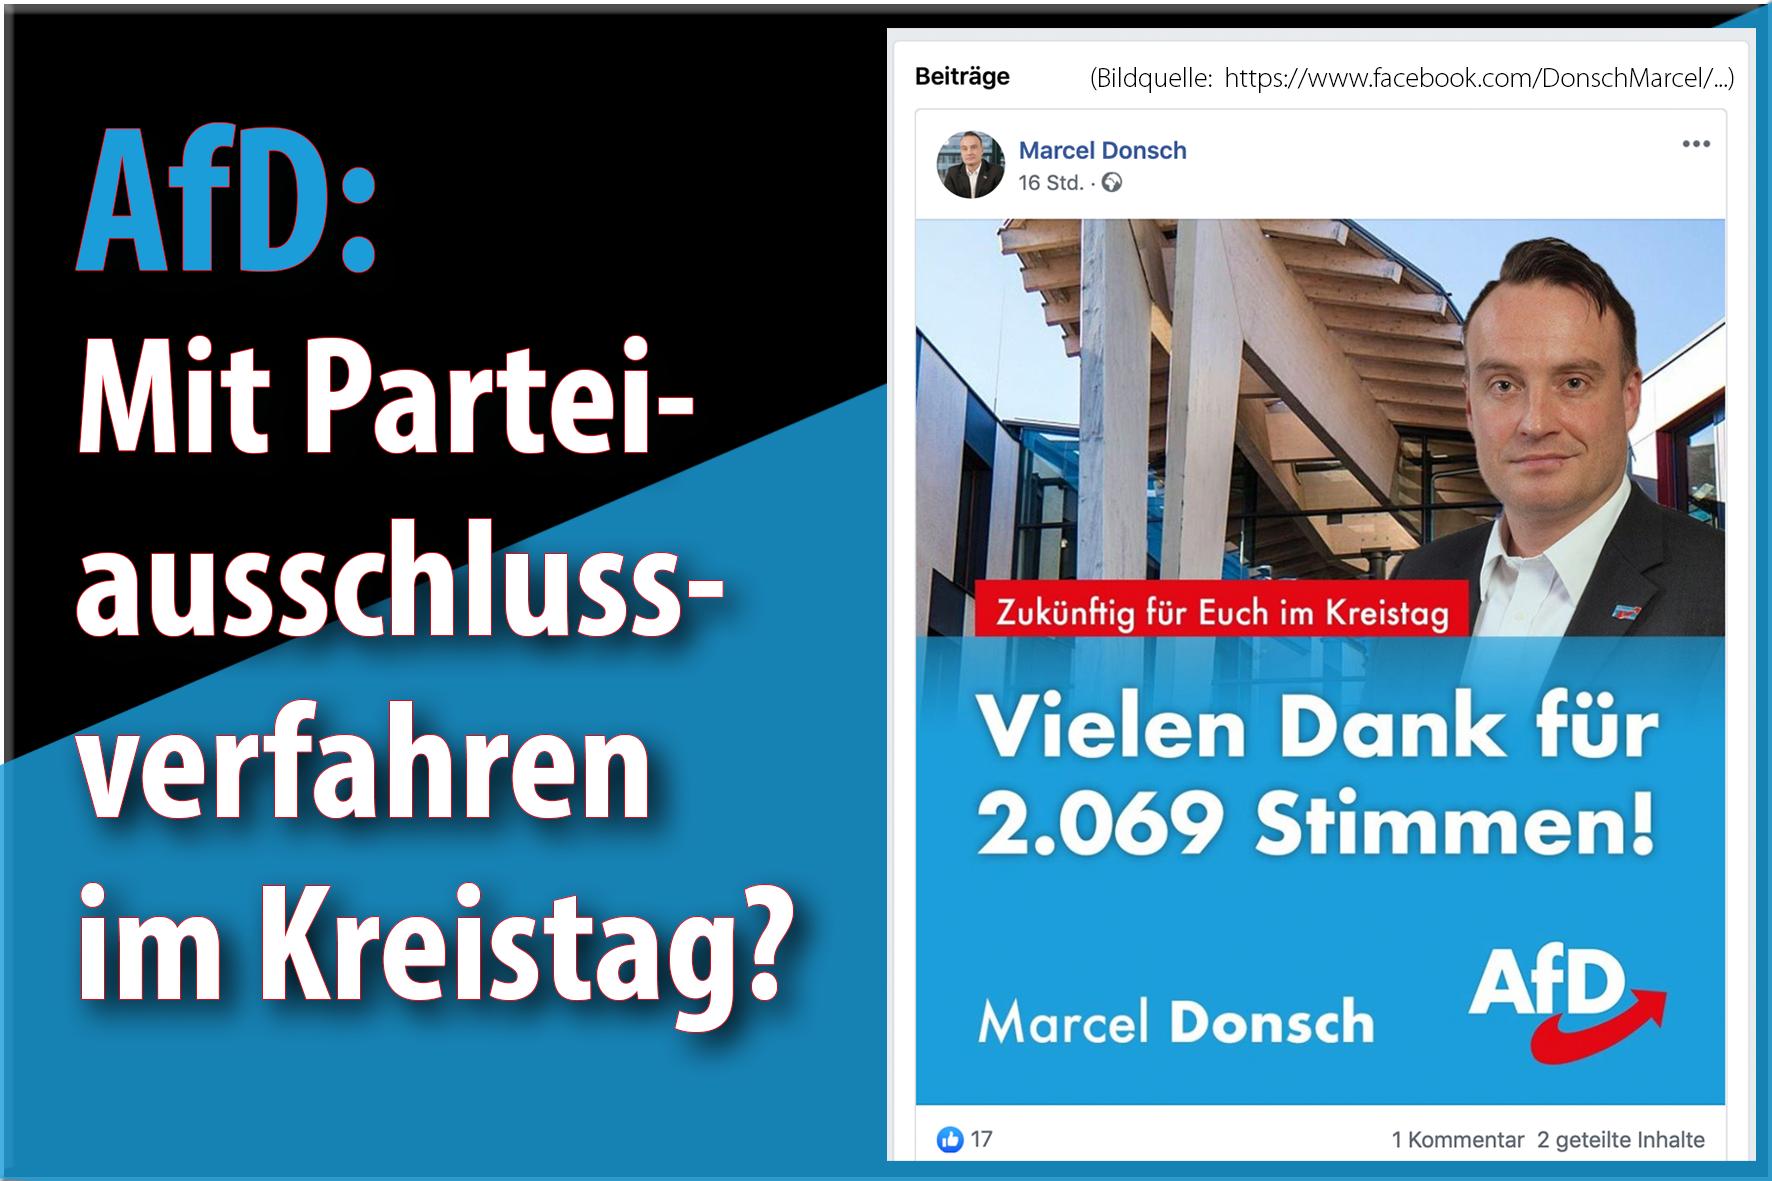 AfD: Mit Parteiausschlussverfahren (PAV) im Kreistag?